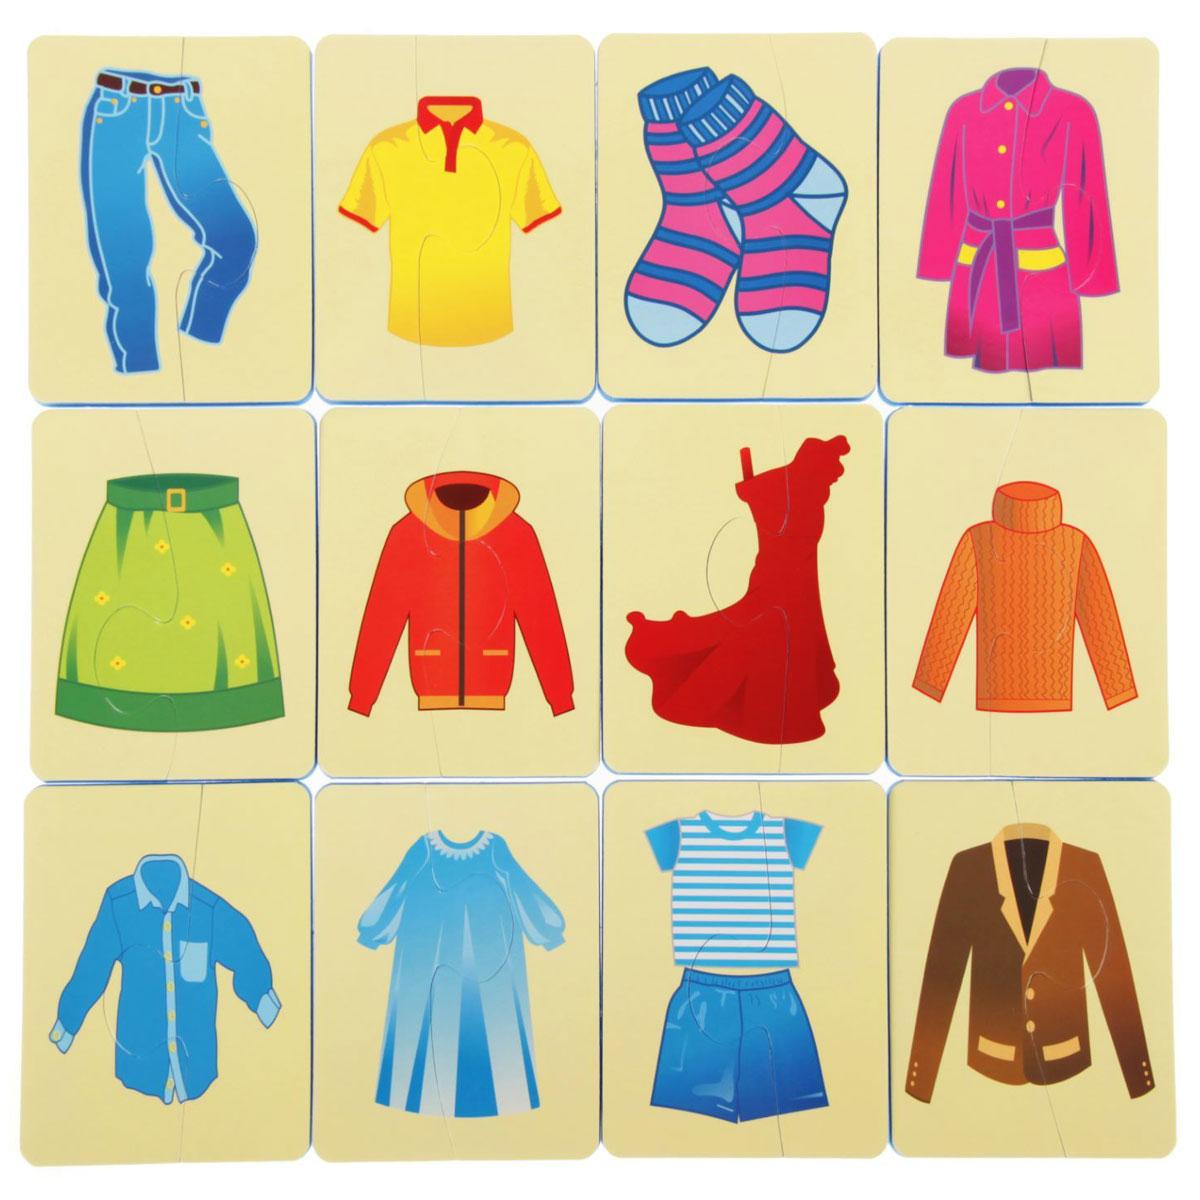 Сезонная одежда в картинках для детей